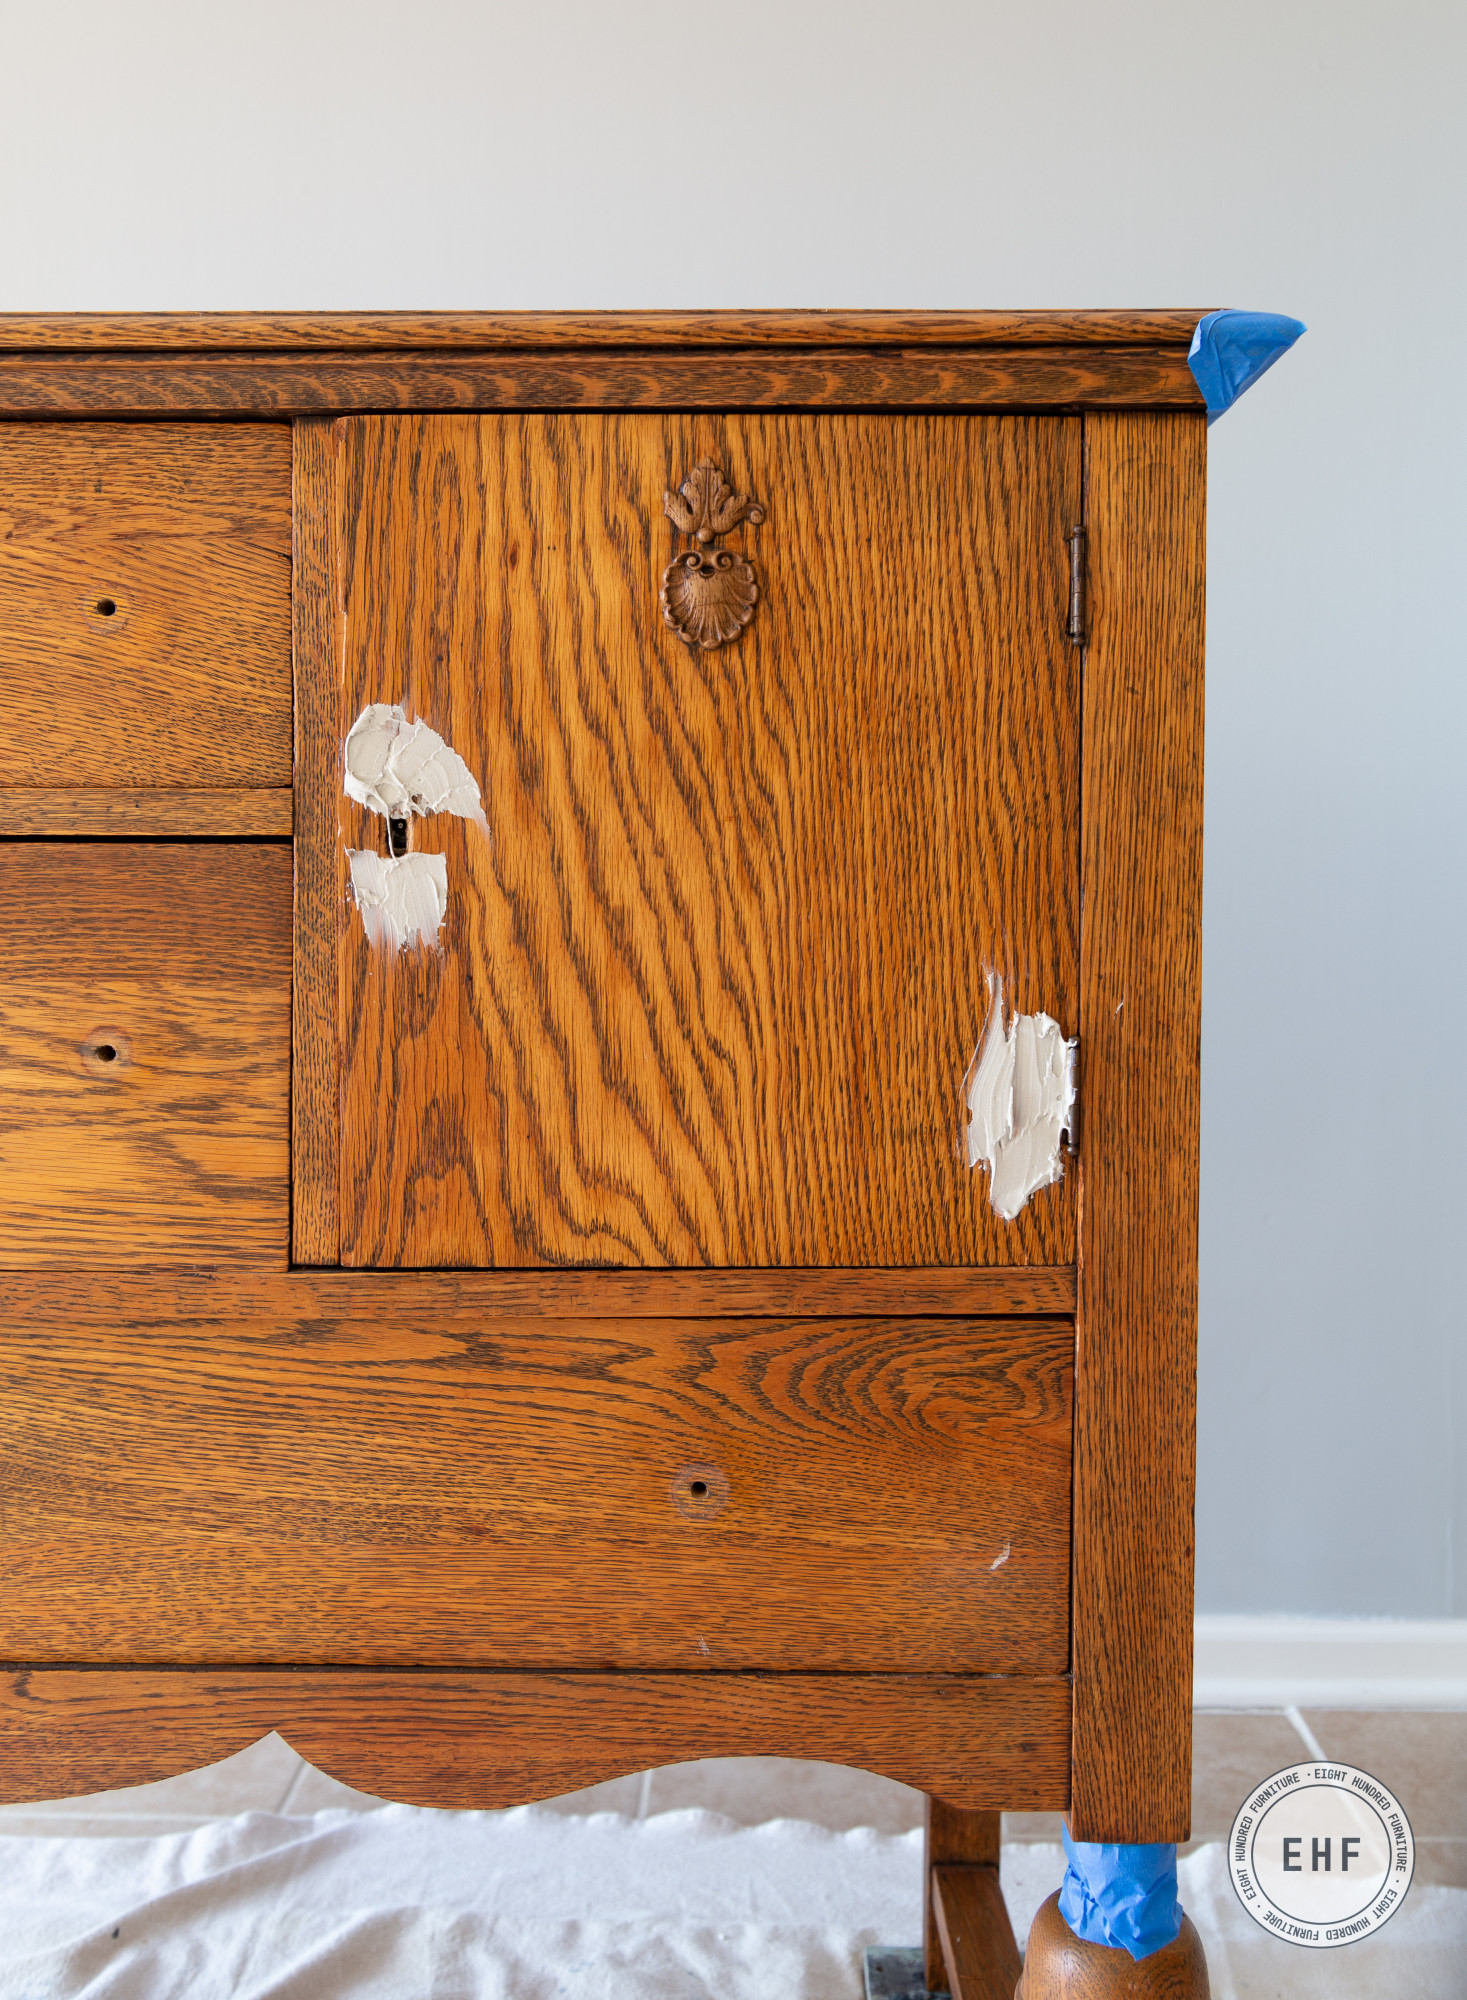 Bondo around keyhole and hinge of oak buffet